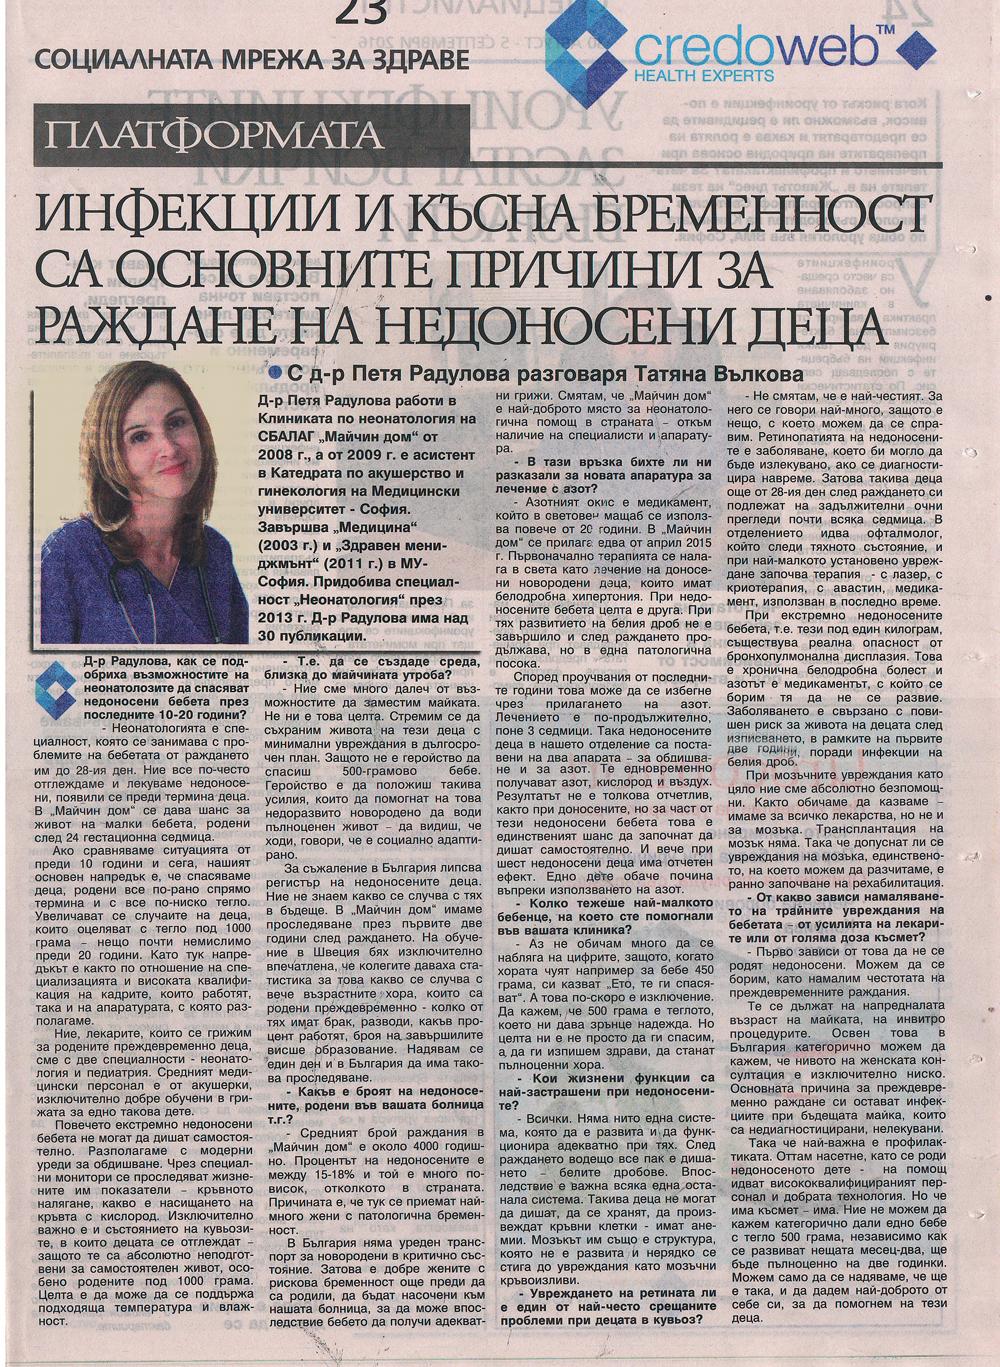 Radulova_1_ Zivot